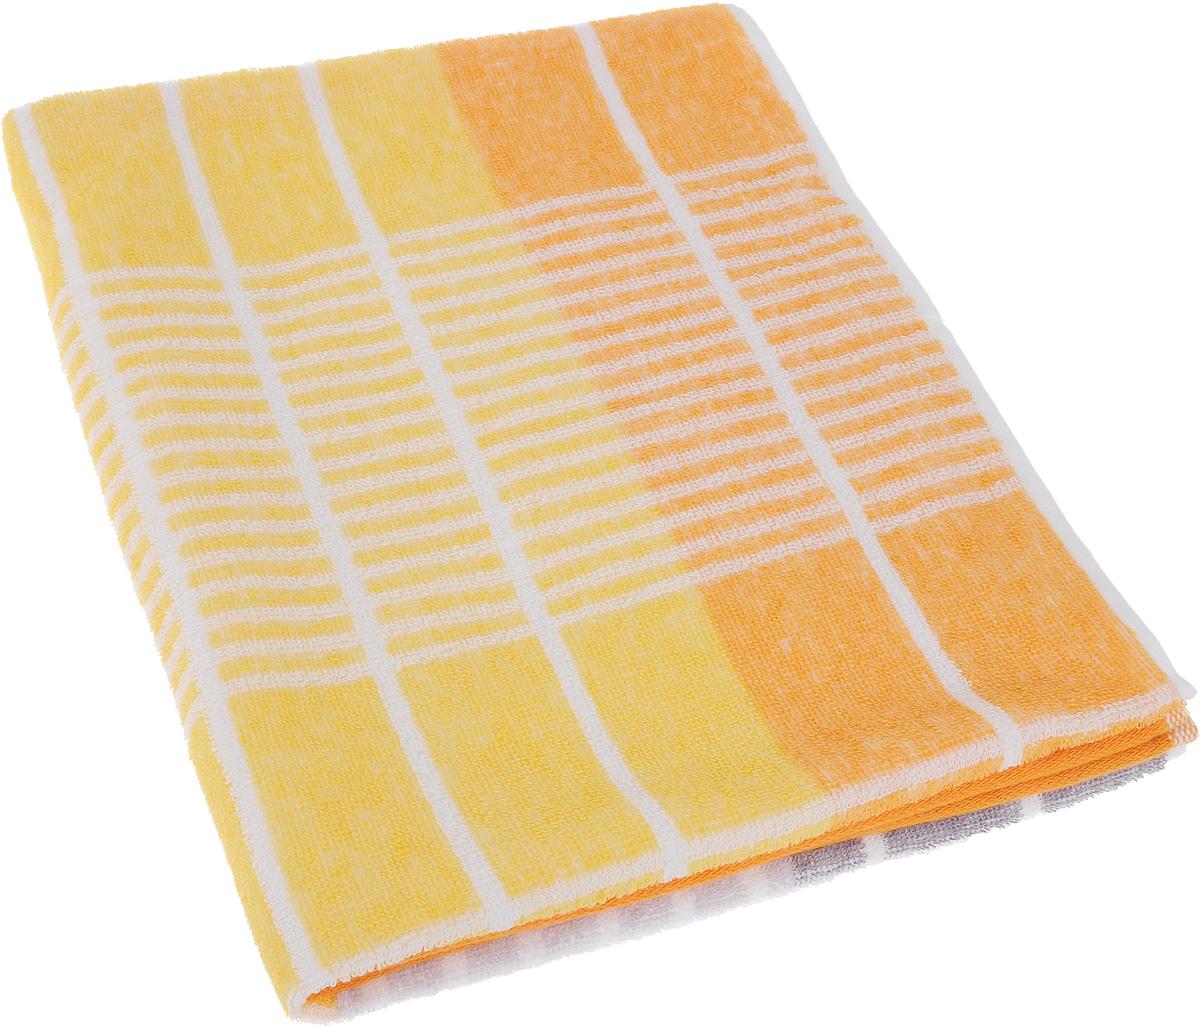 Полотенце Soavita Твист, цвет: оранжевый, 50 х 90 смWUB 5647 weisПолотенце Soavita Твист выполнено из 100% хлопка. Изделие отлично впитывает влагу, быстро сохнет, сохраняет яркость цвета и не теряет форму даже после многократных стирок. Полотенце очень практично и неприхотливо в уходе. Оно создаст прекрасное настроение и украсит интерьер.